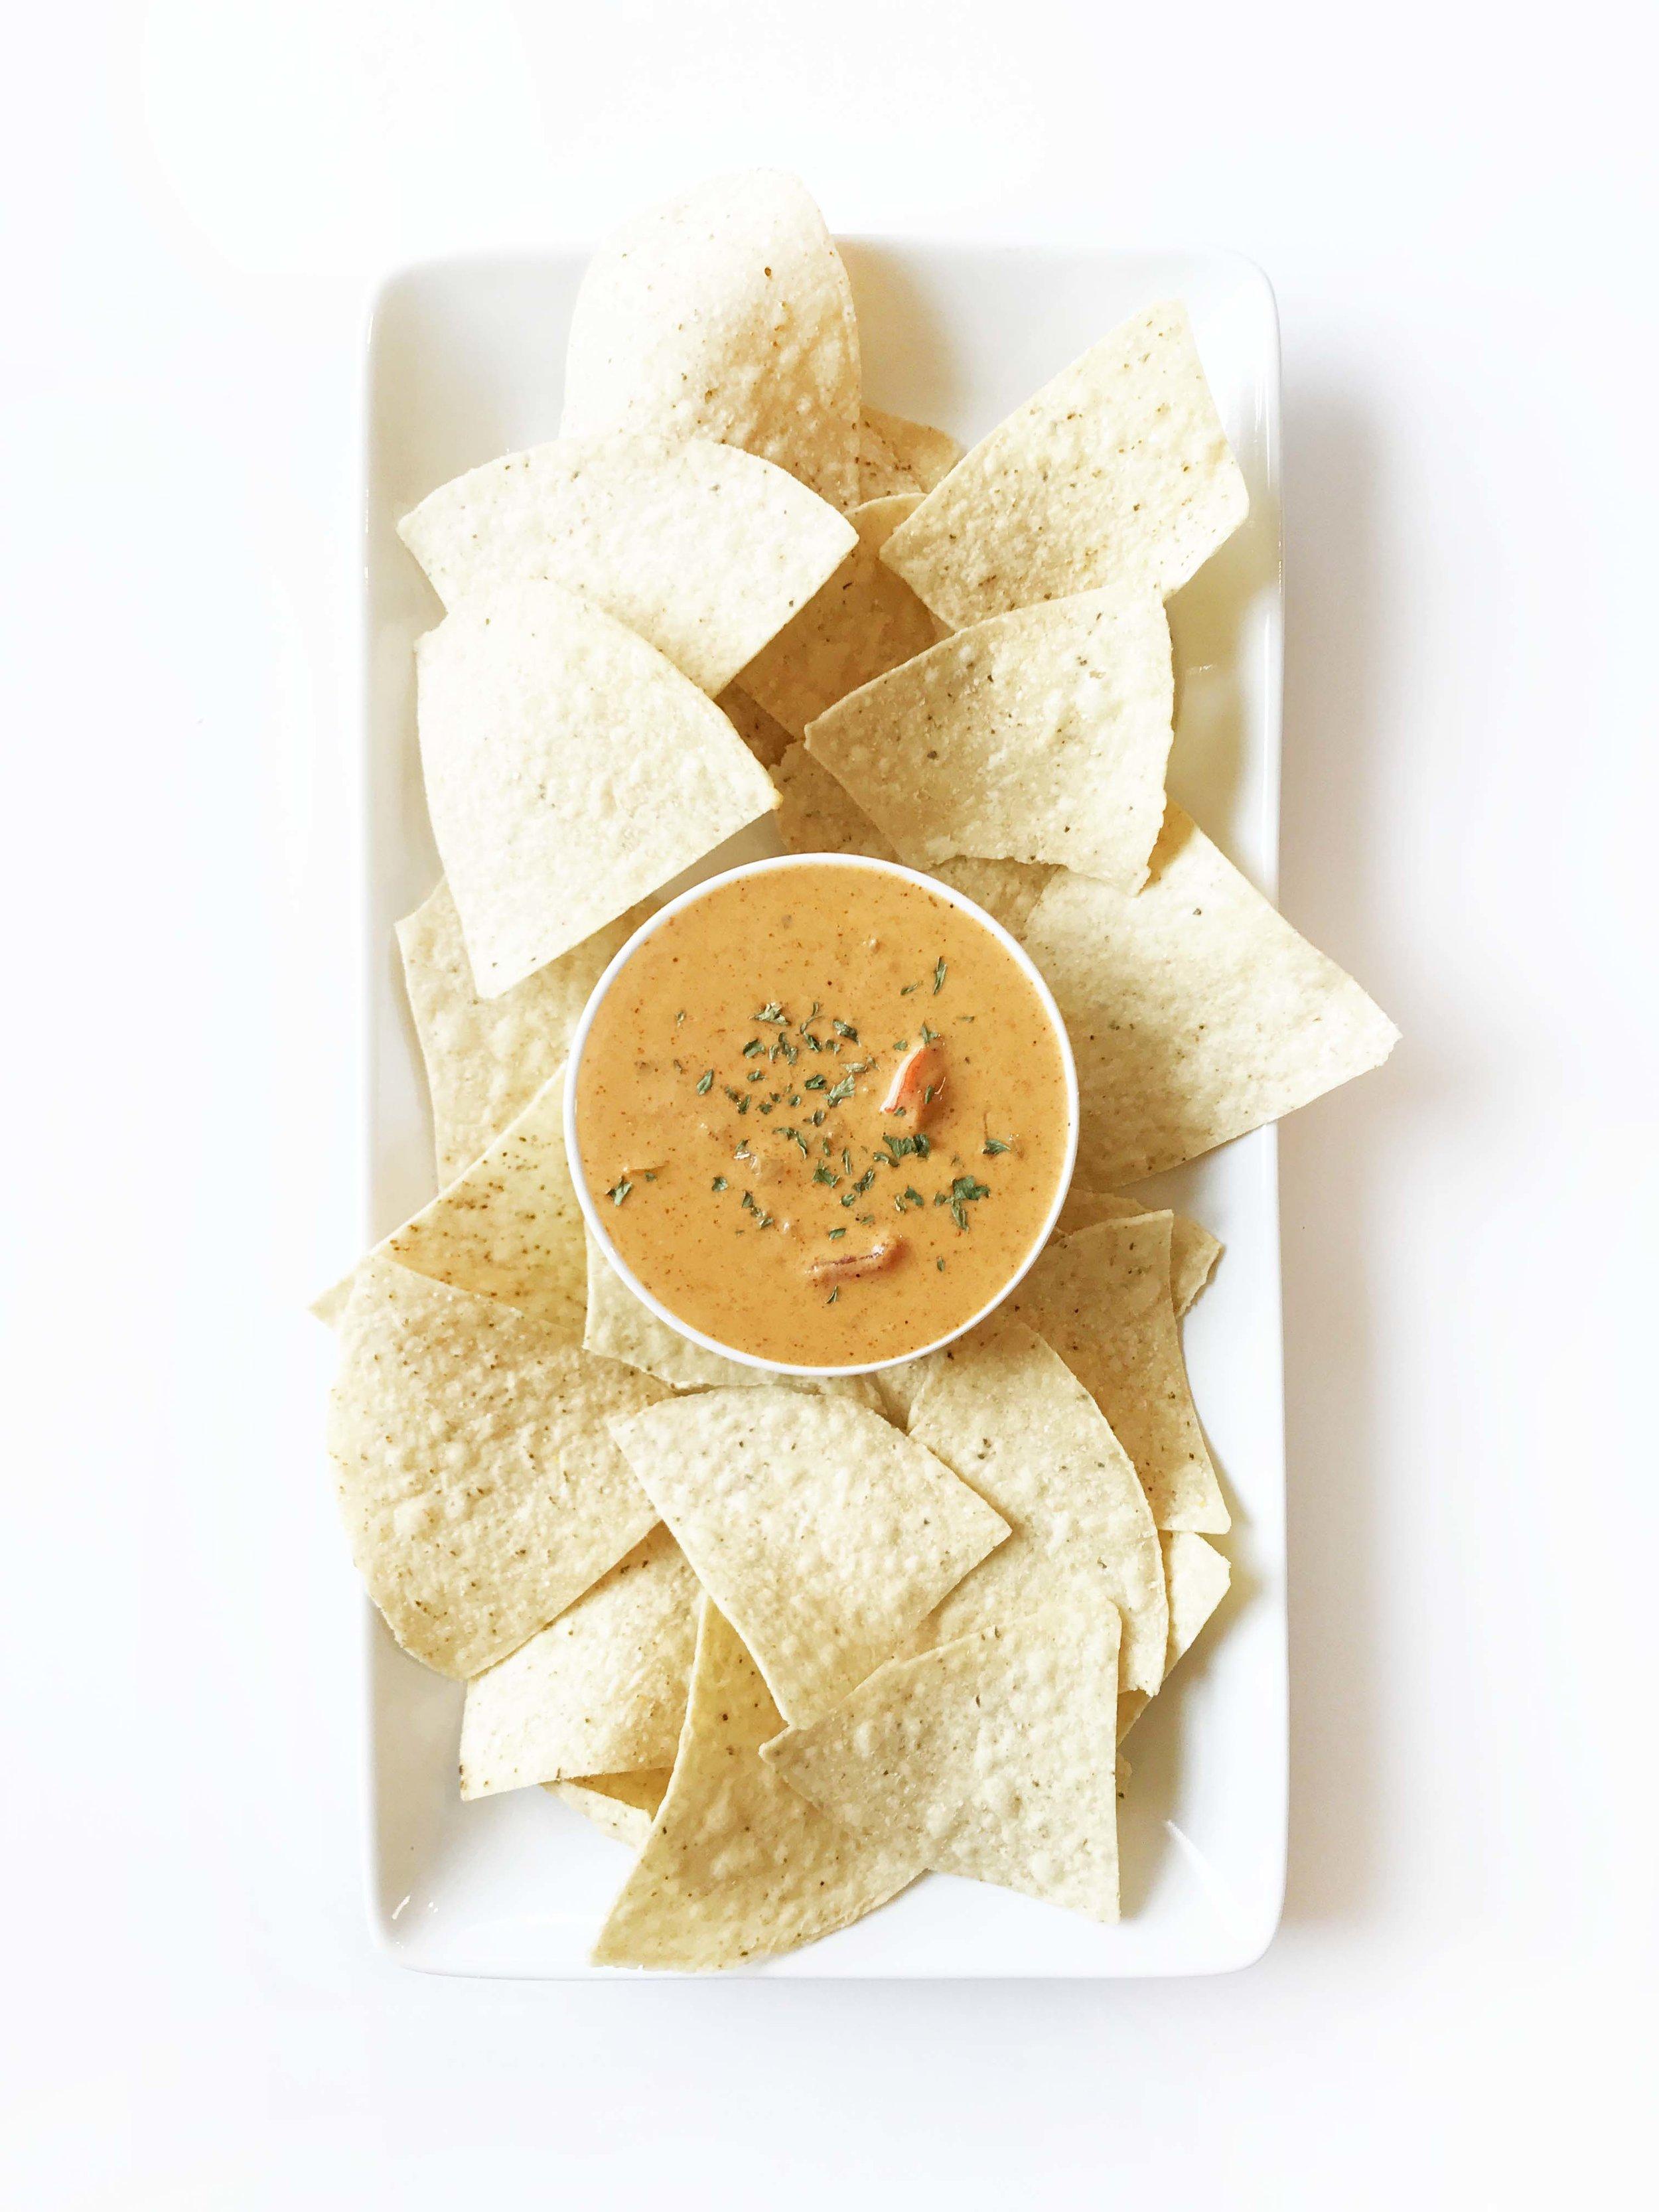 chilis-queso7.jpg